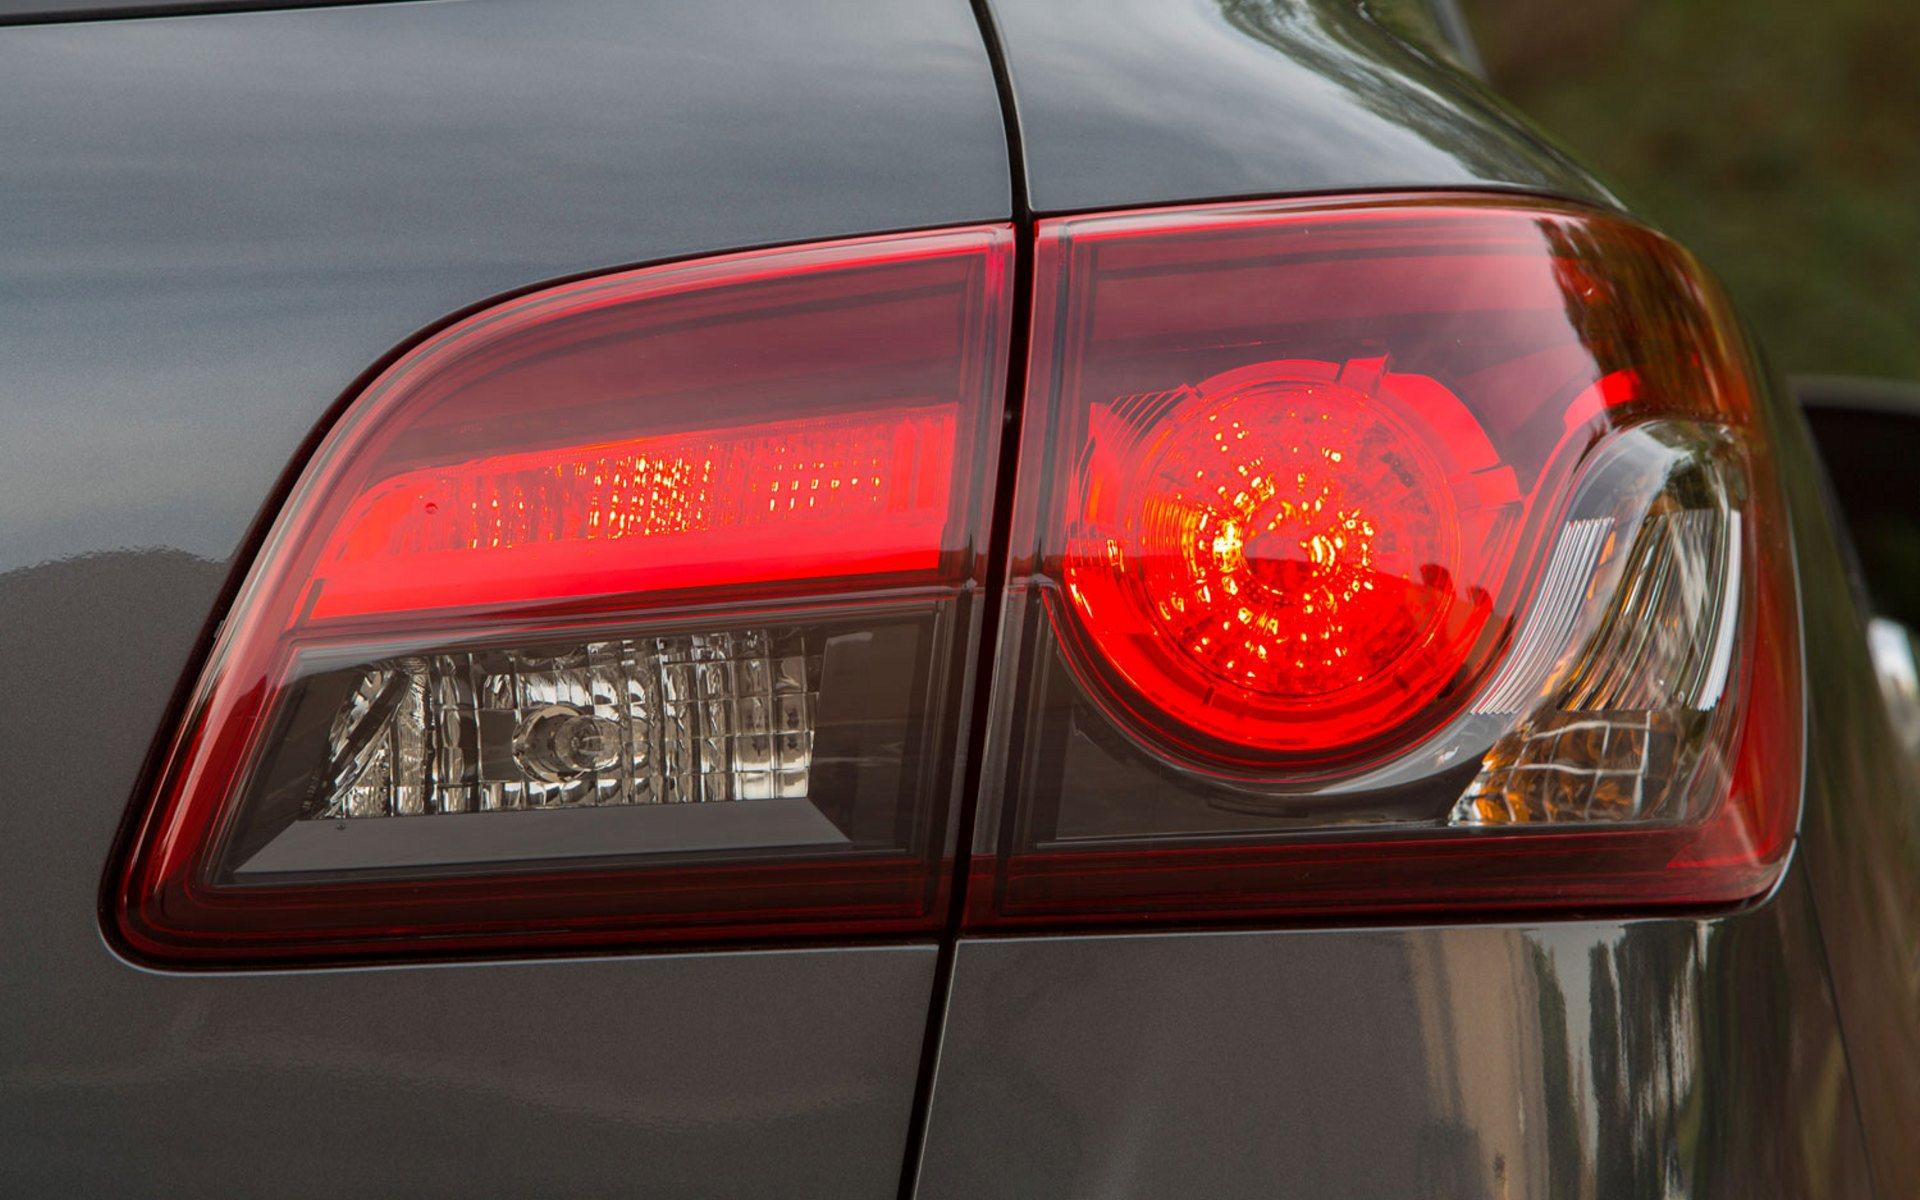 http://4.bp.blogspot.com/-f_H9I-OU5gI/UU66jswSHHI/AAAAAAAASvI/Kg0zBbWXdFs/s1920/2013-Mazda-CX-9-wallpaper-8.jpg